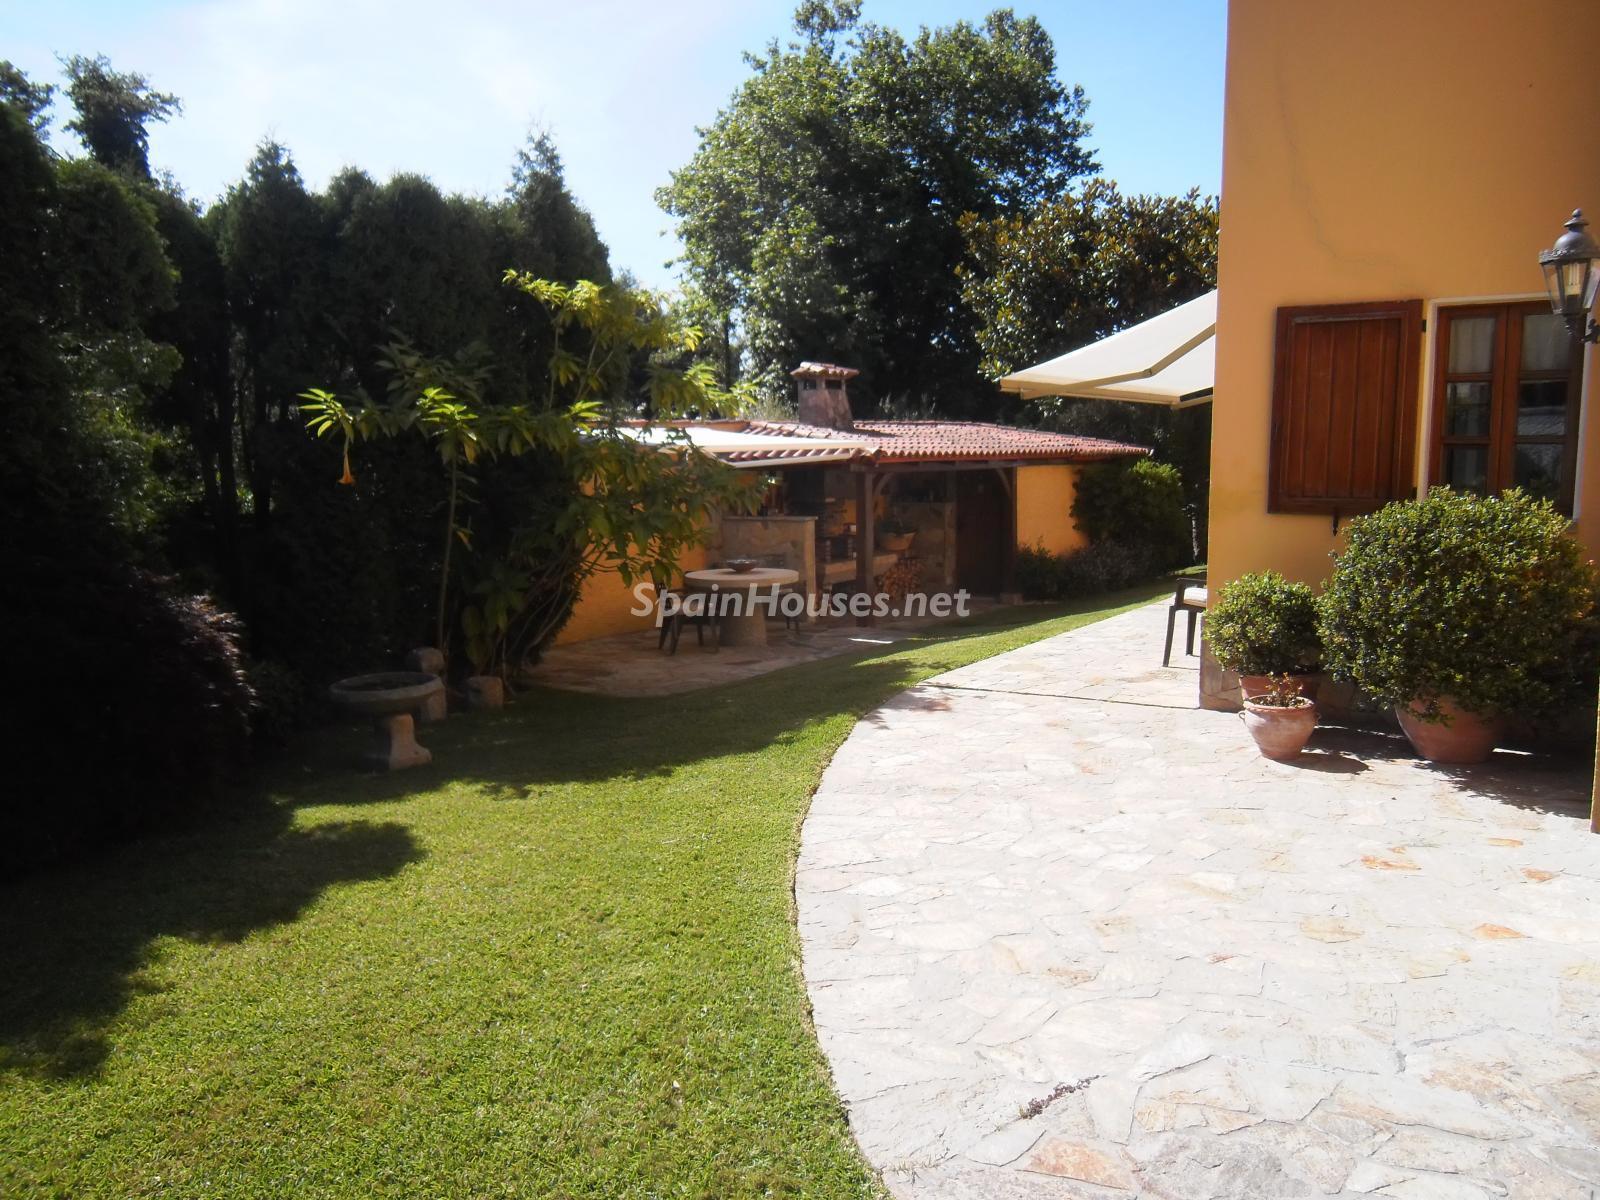 Foto 37 - Chalet independiente en venta en Oleiros, Ref: 1825929